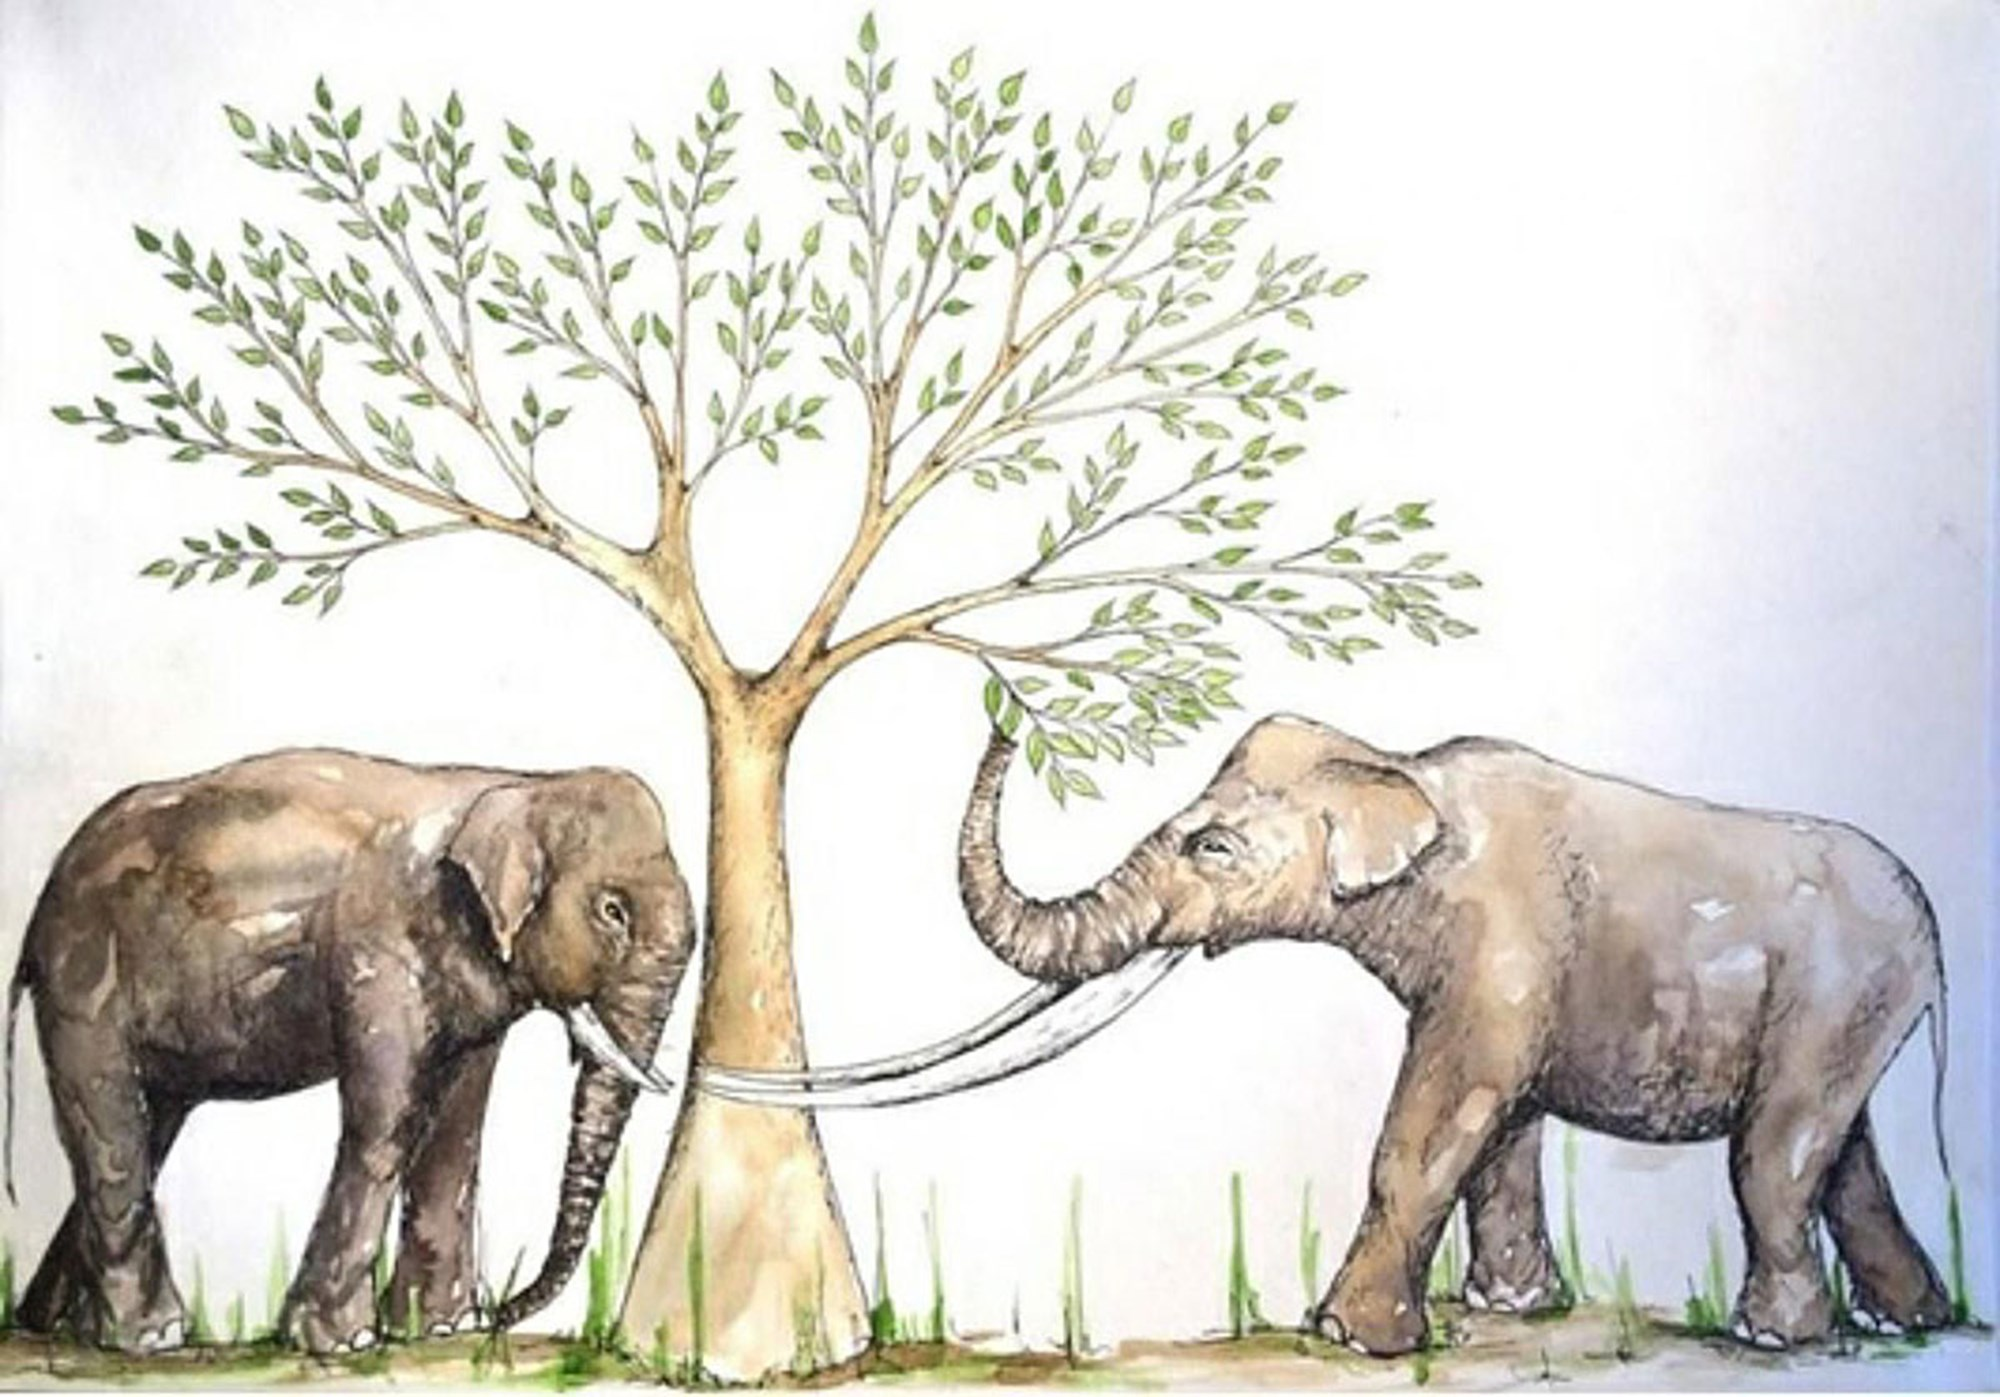 Wie der Asiatische Elefant seinen nahen Verwandten überdauern konnte – derStandard.at